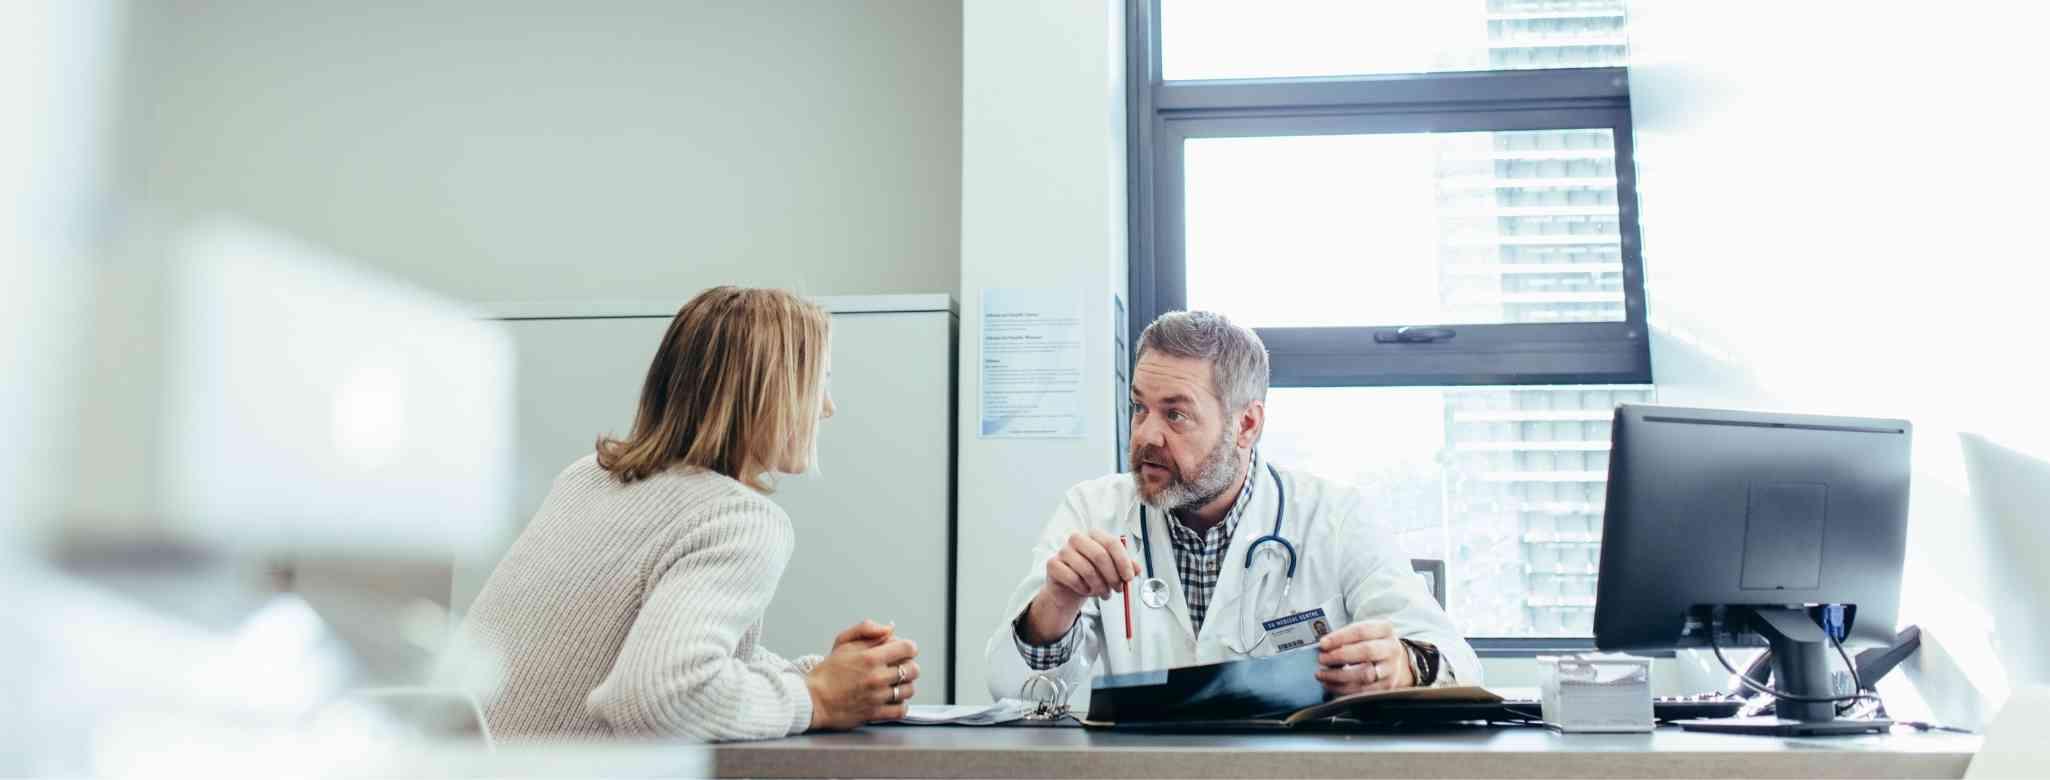 רופאים התפתחותיים מומלצים